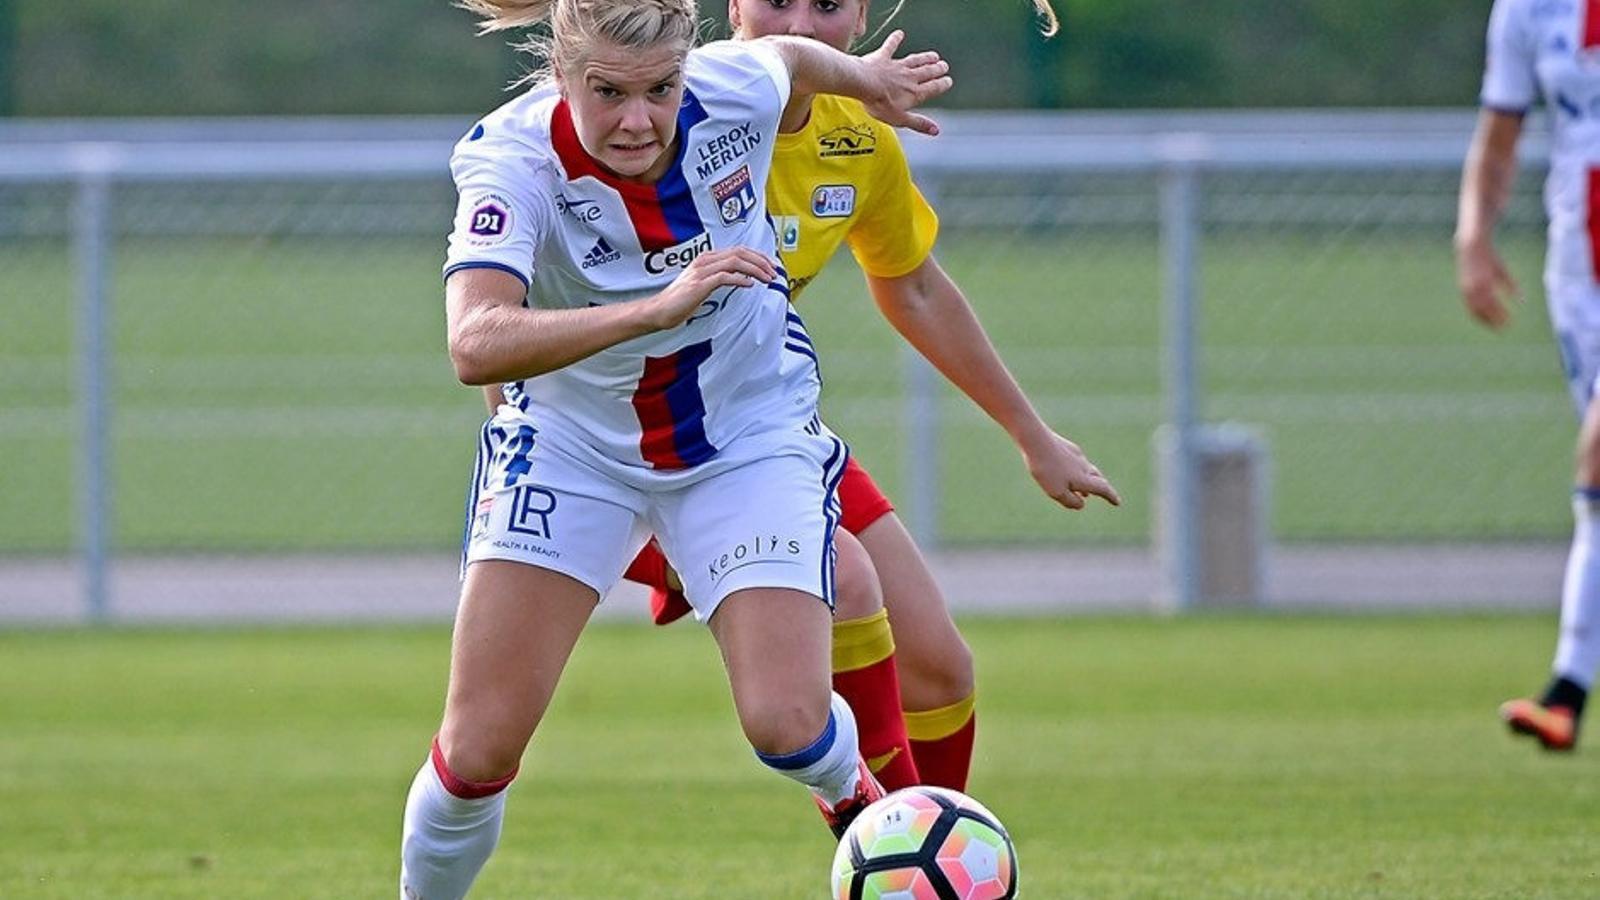 La noruega Ada Hegerberg ha fet 13 gols en quatre partits de Champions i està a dos de superar el rècord de la competició en un mateix any.